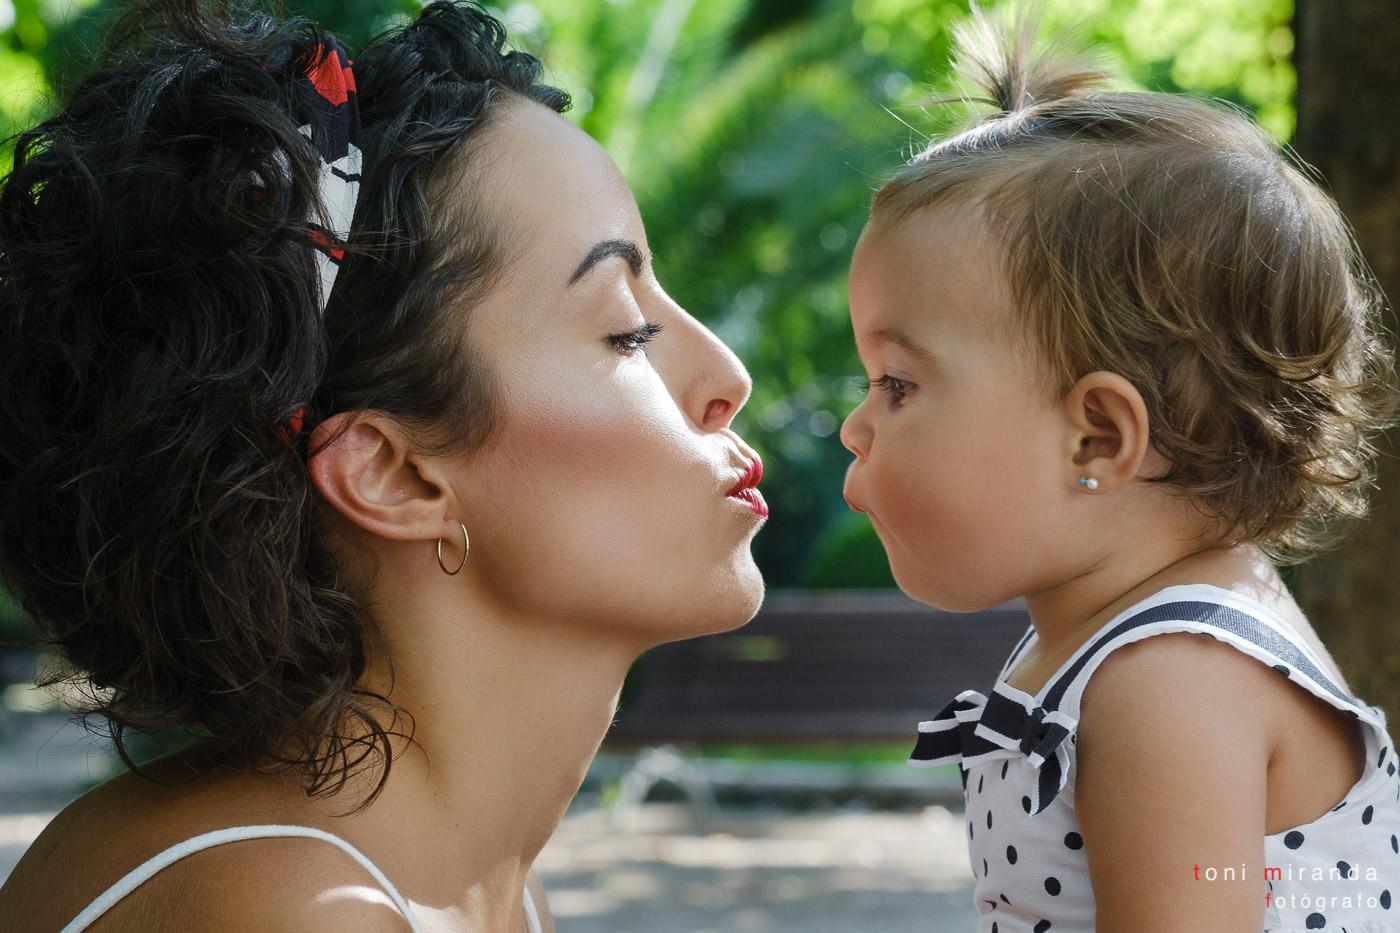 Bonito momento entre madre e hija durante sesion fotografia